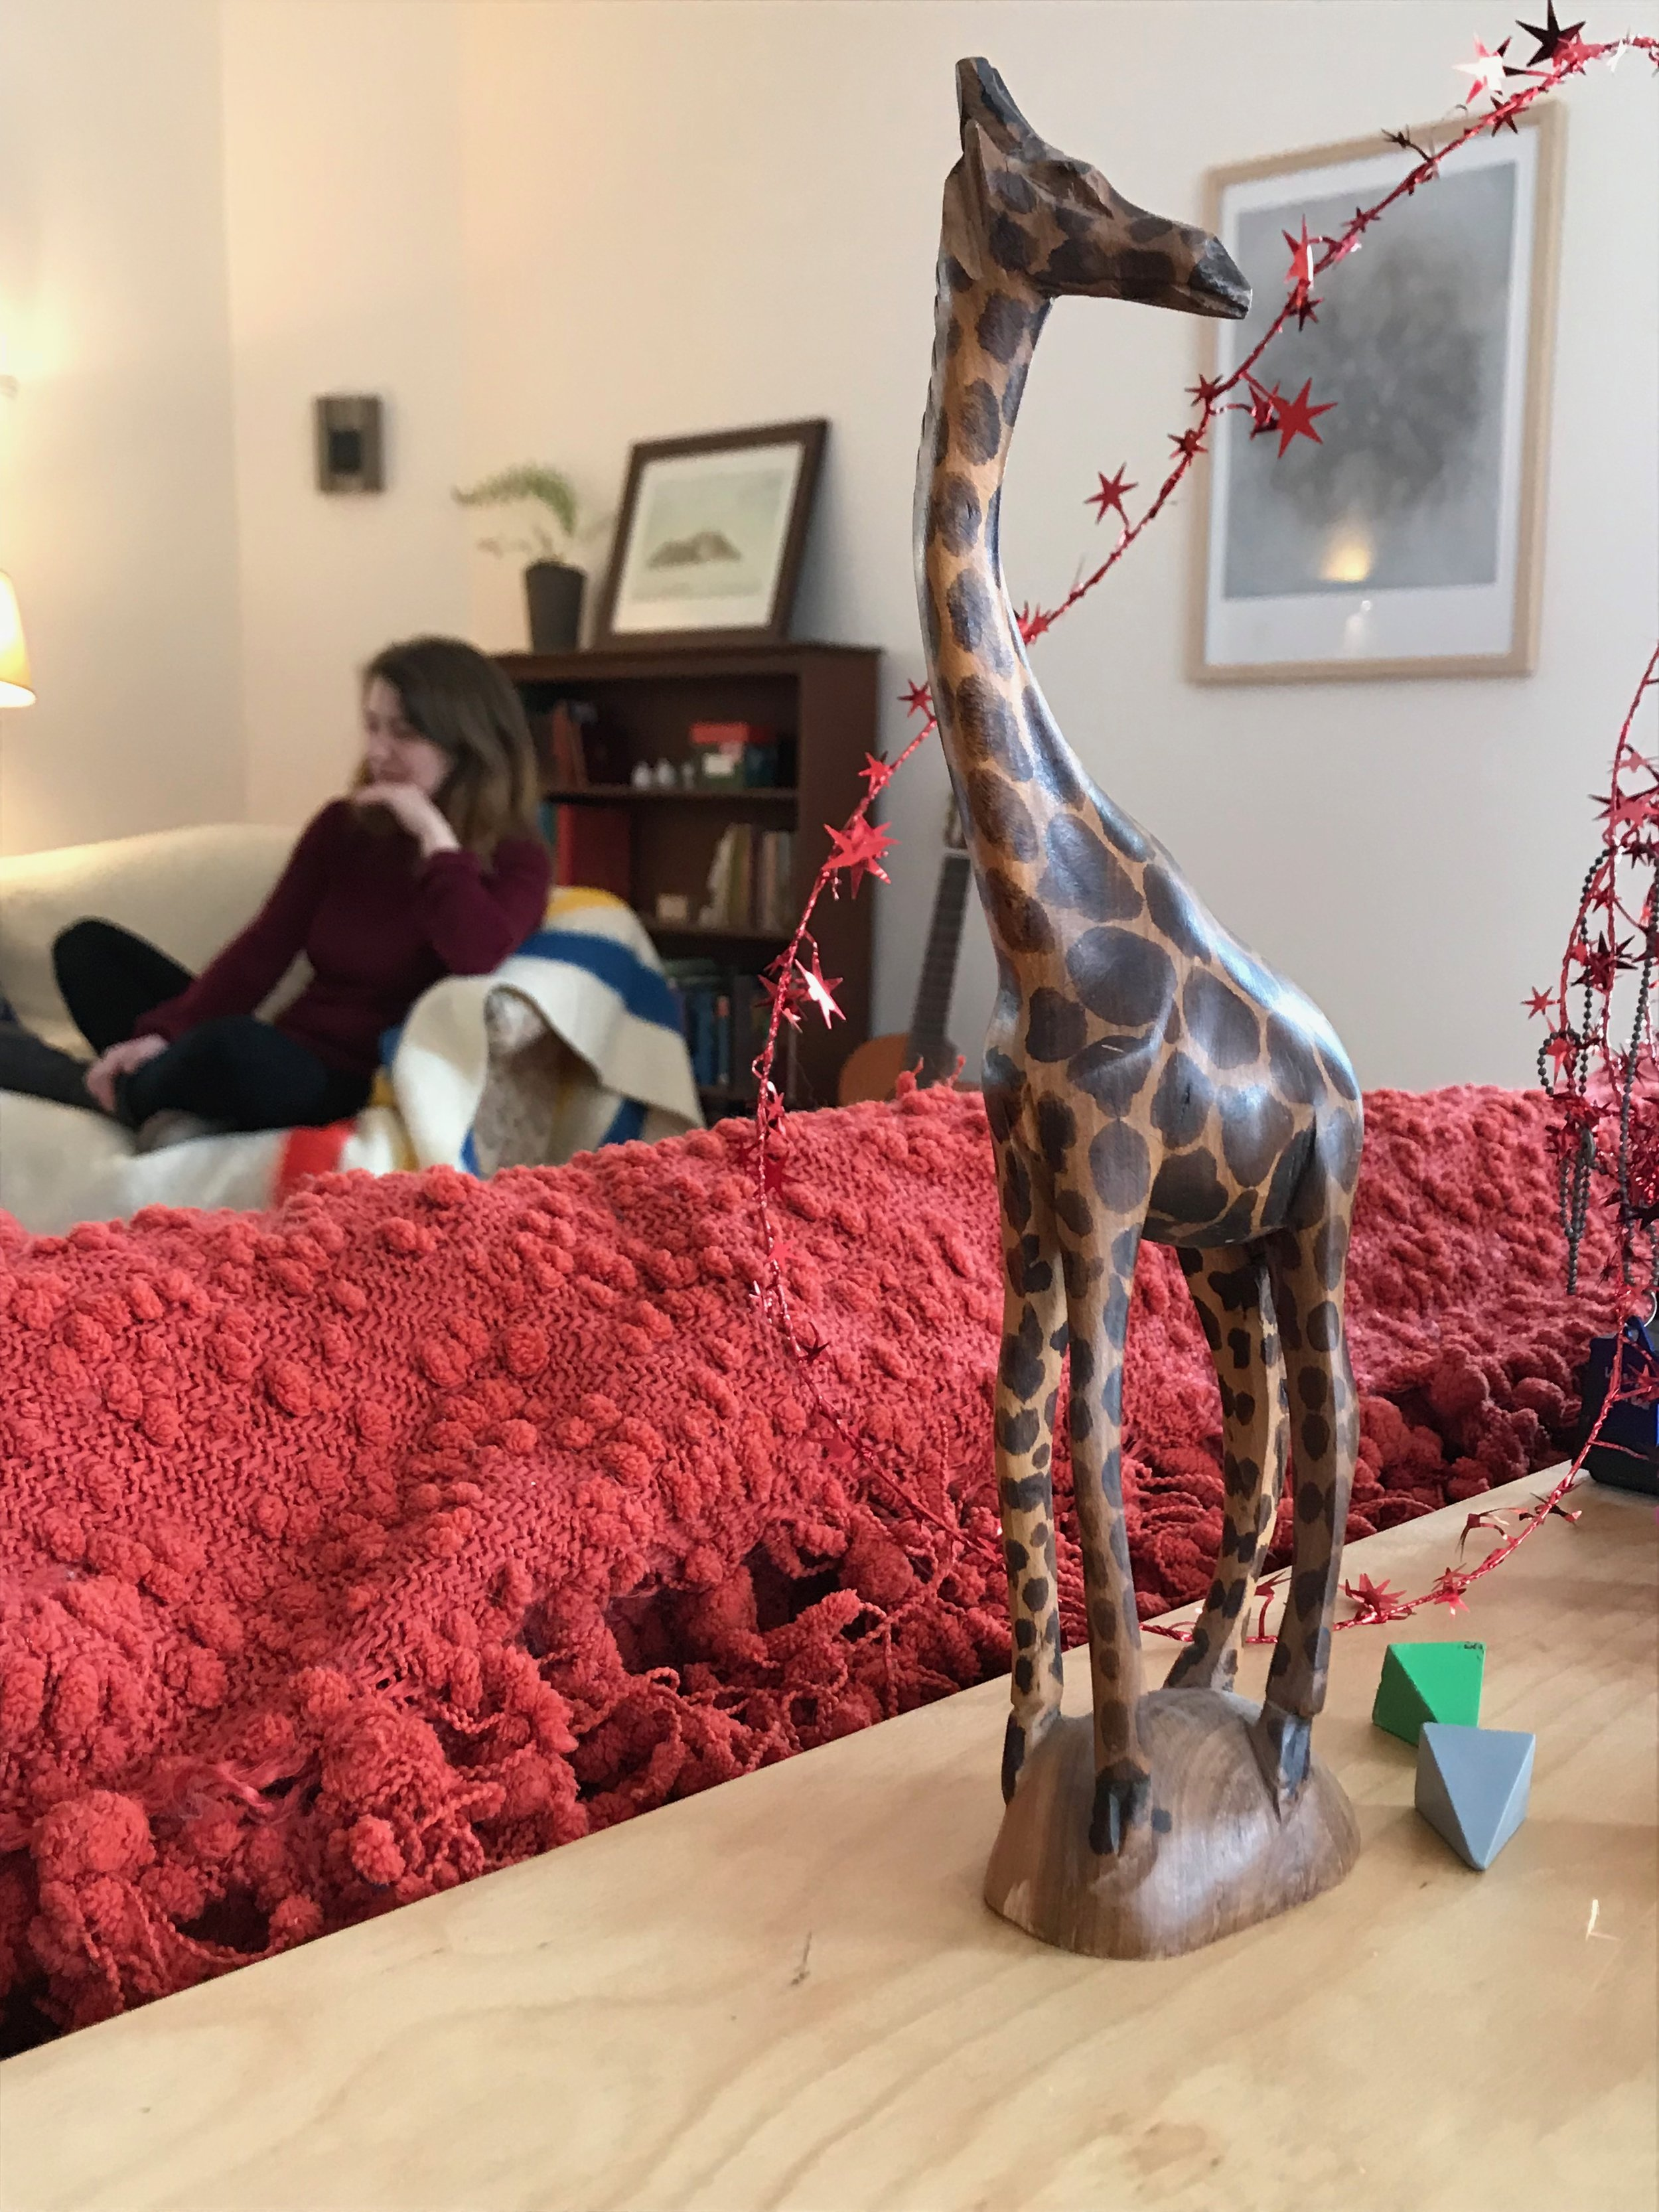 Part 4. - Giraffe's are Kinda My Thing